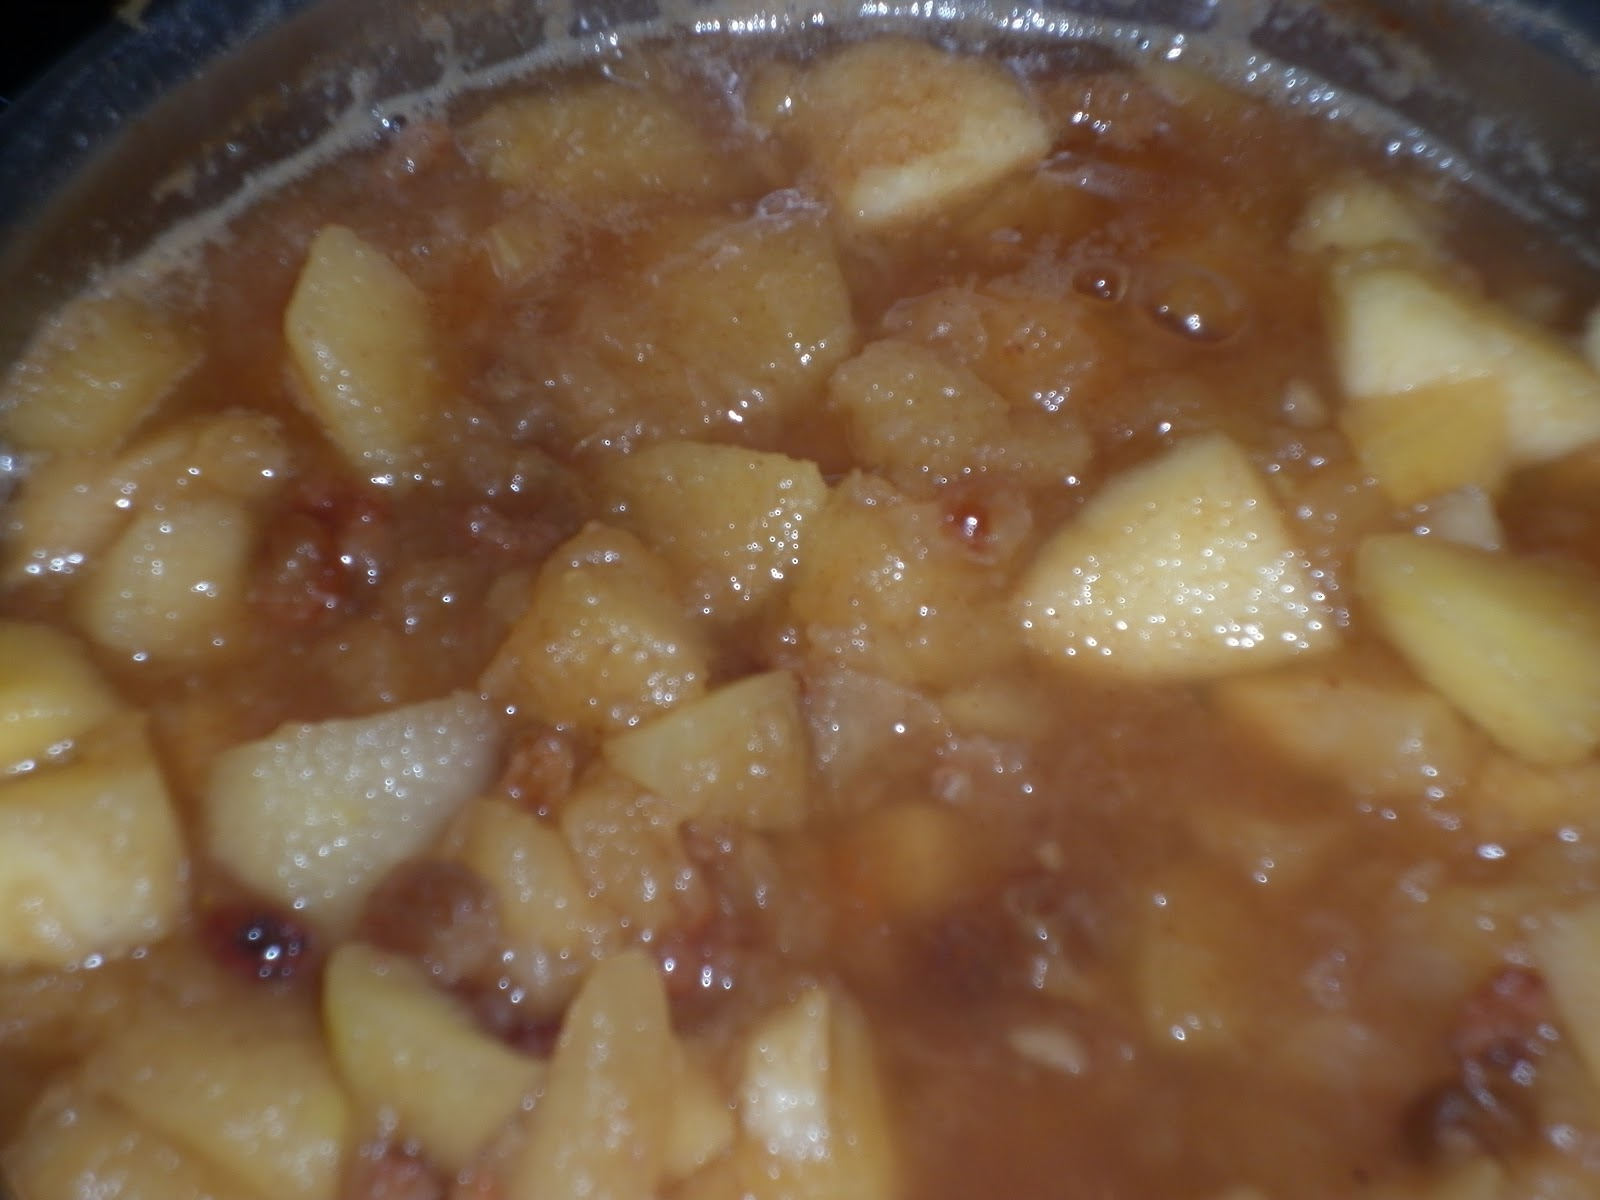 Cocina macrobi tica compota de manzana for Cocina macrobiotica